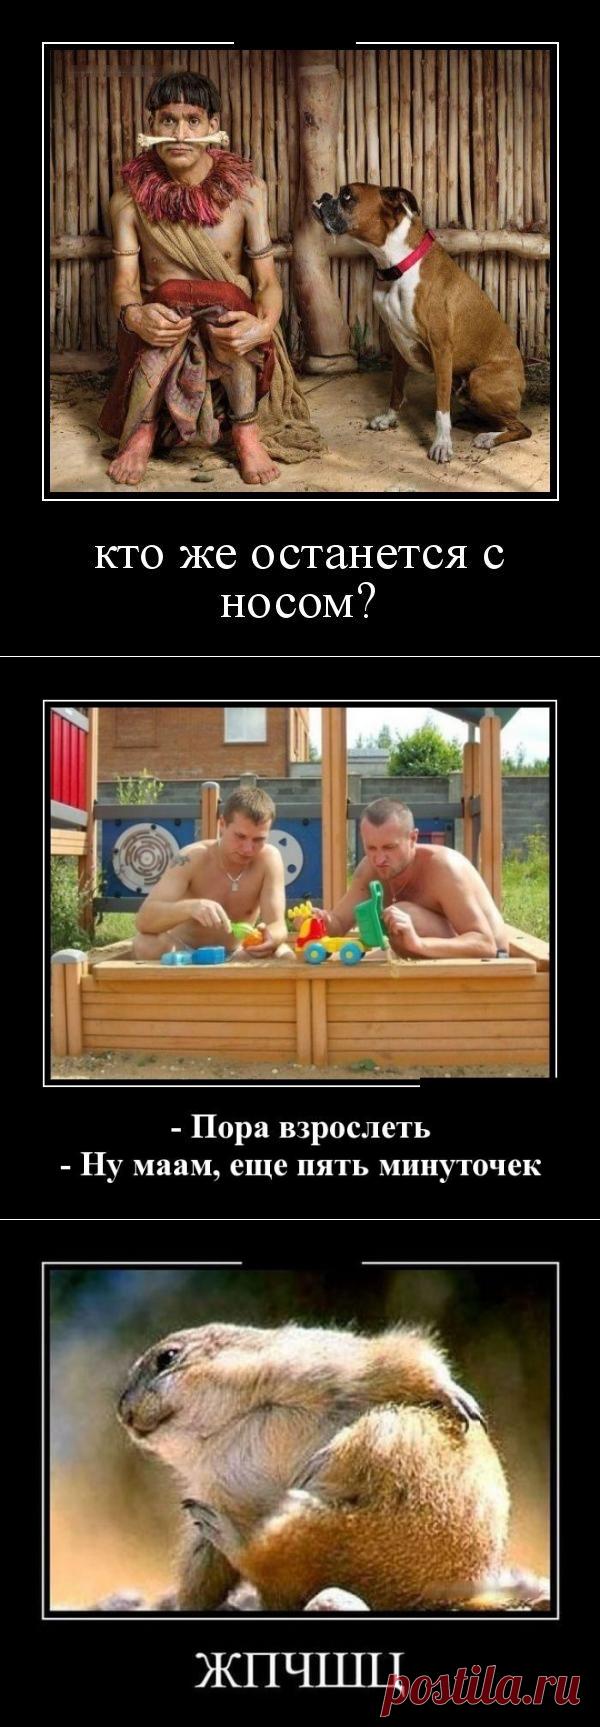 Смешные демотиваторы / Приколы